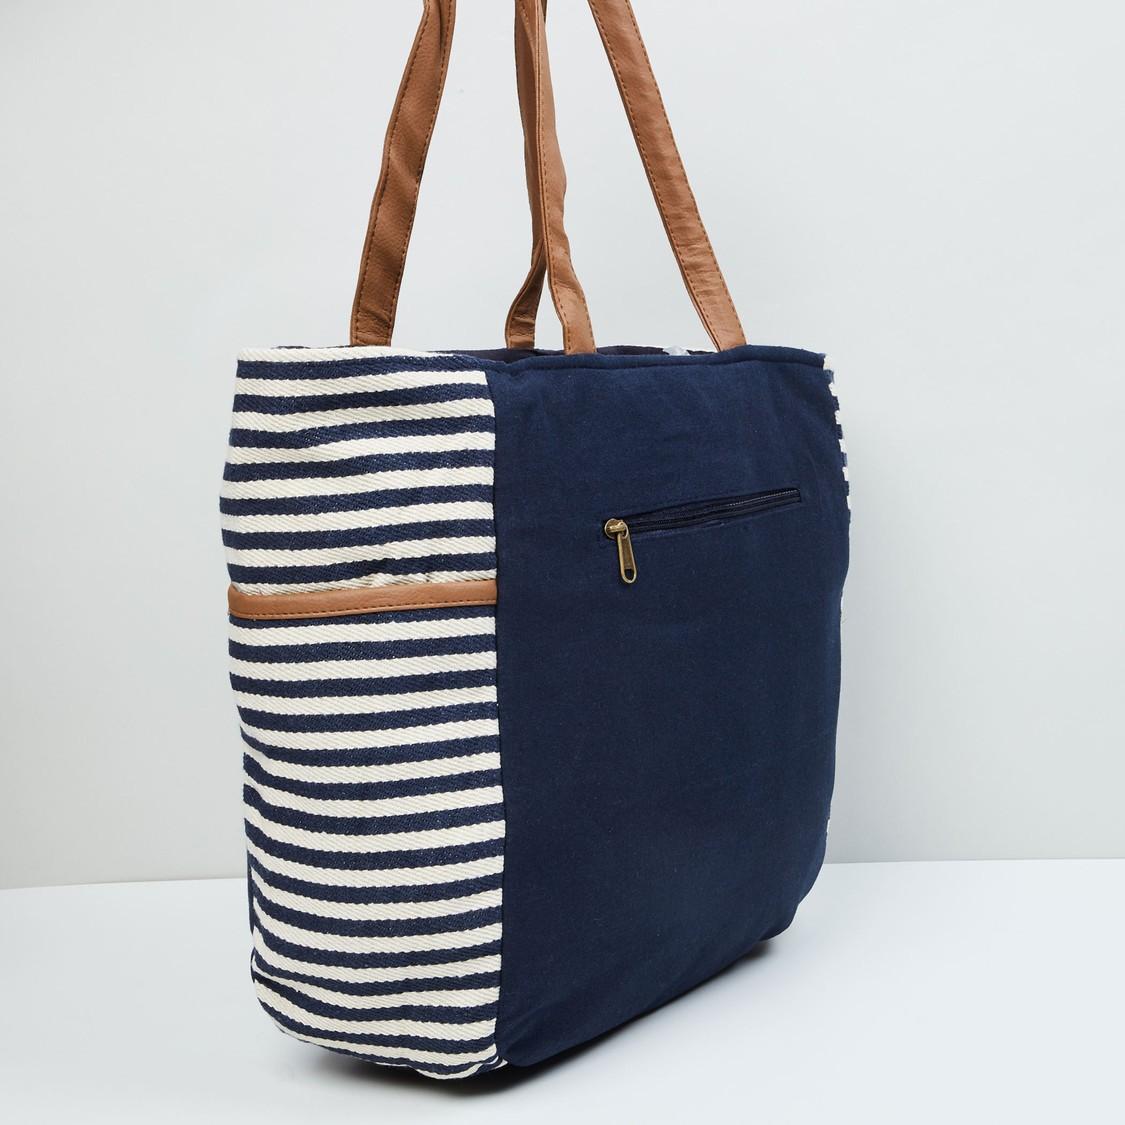 MAX Embellished Tote Bag